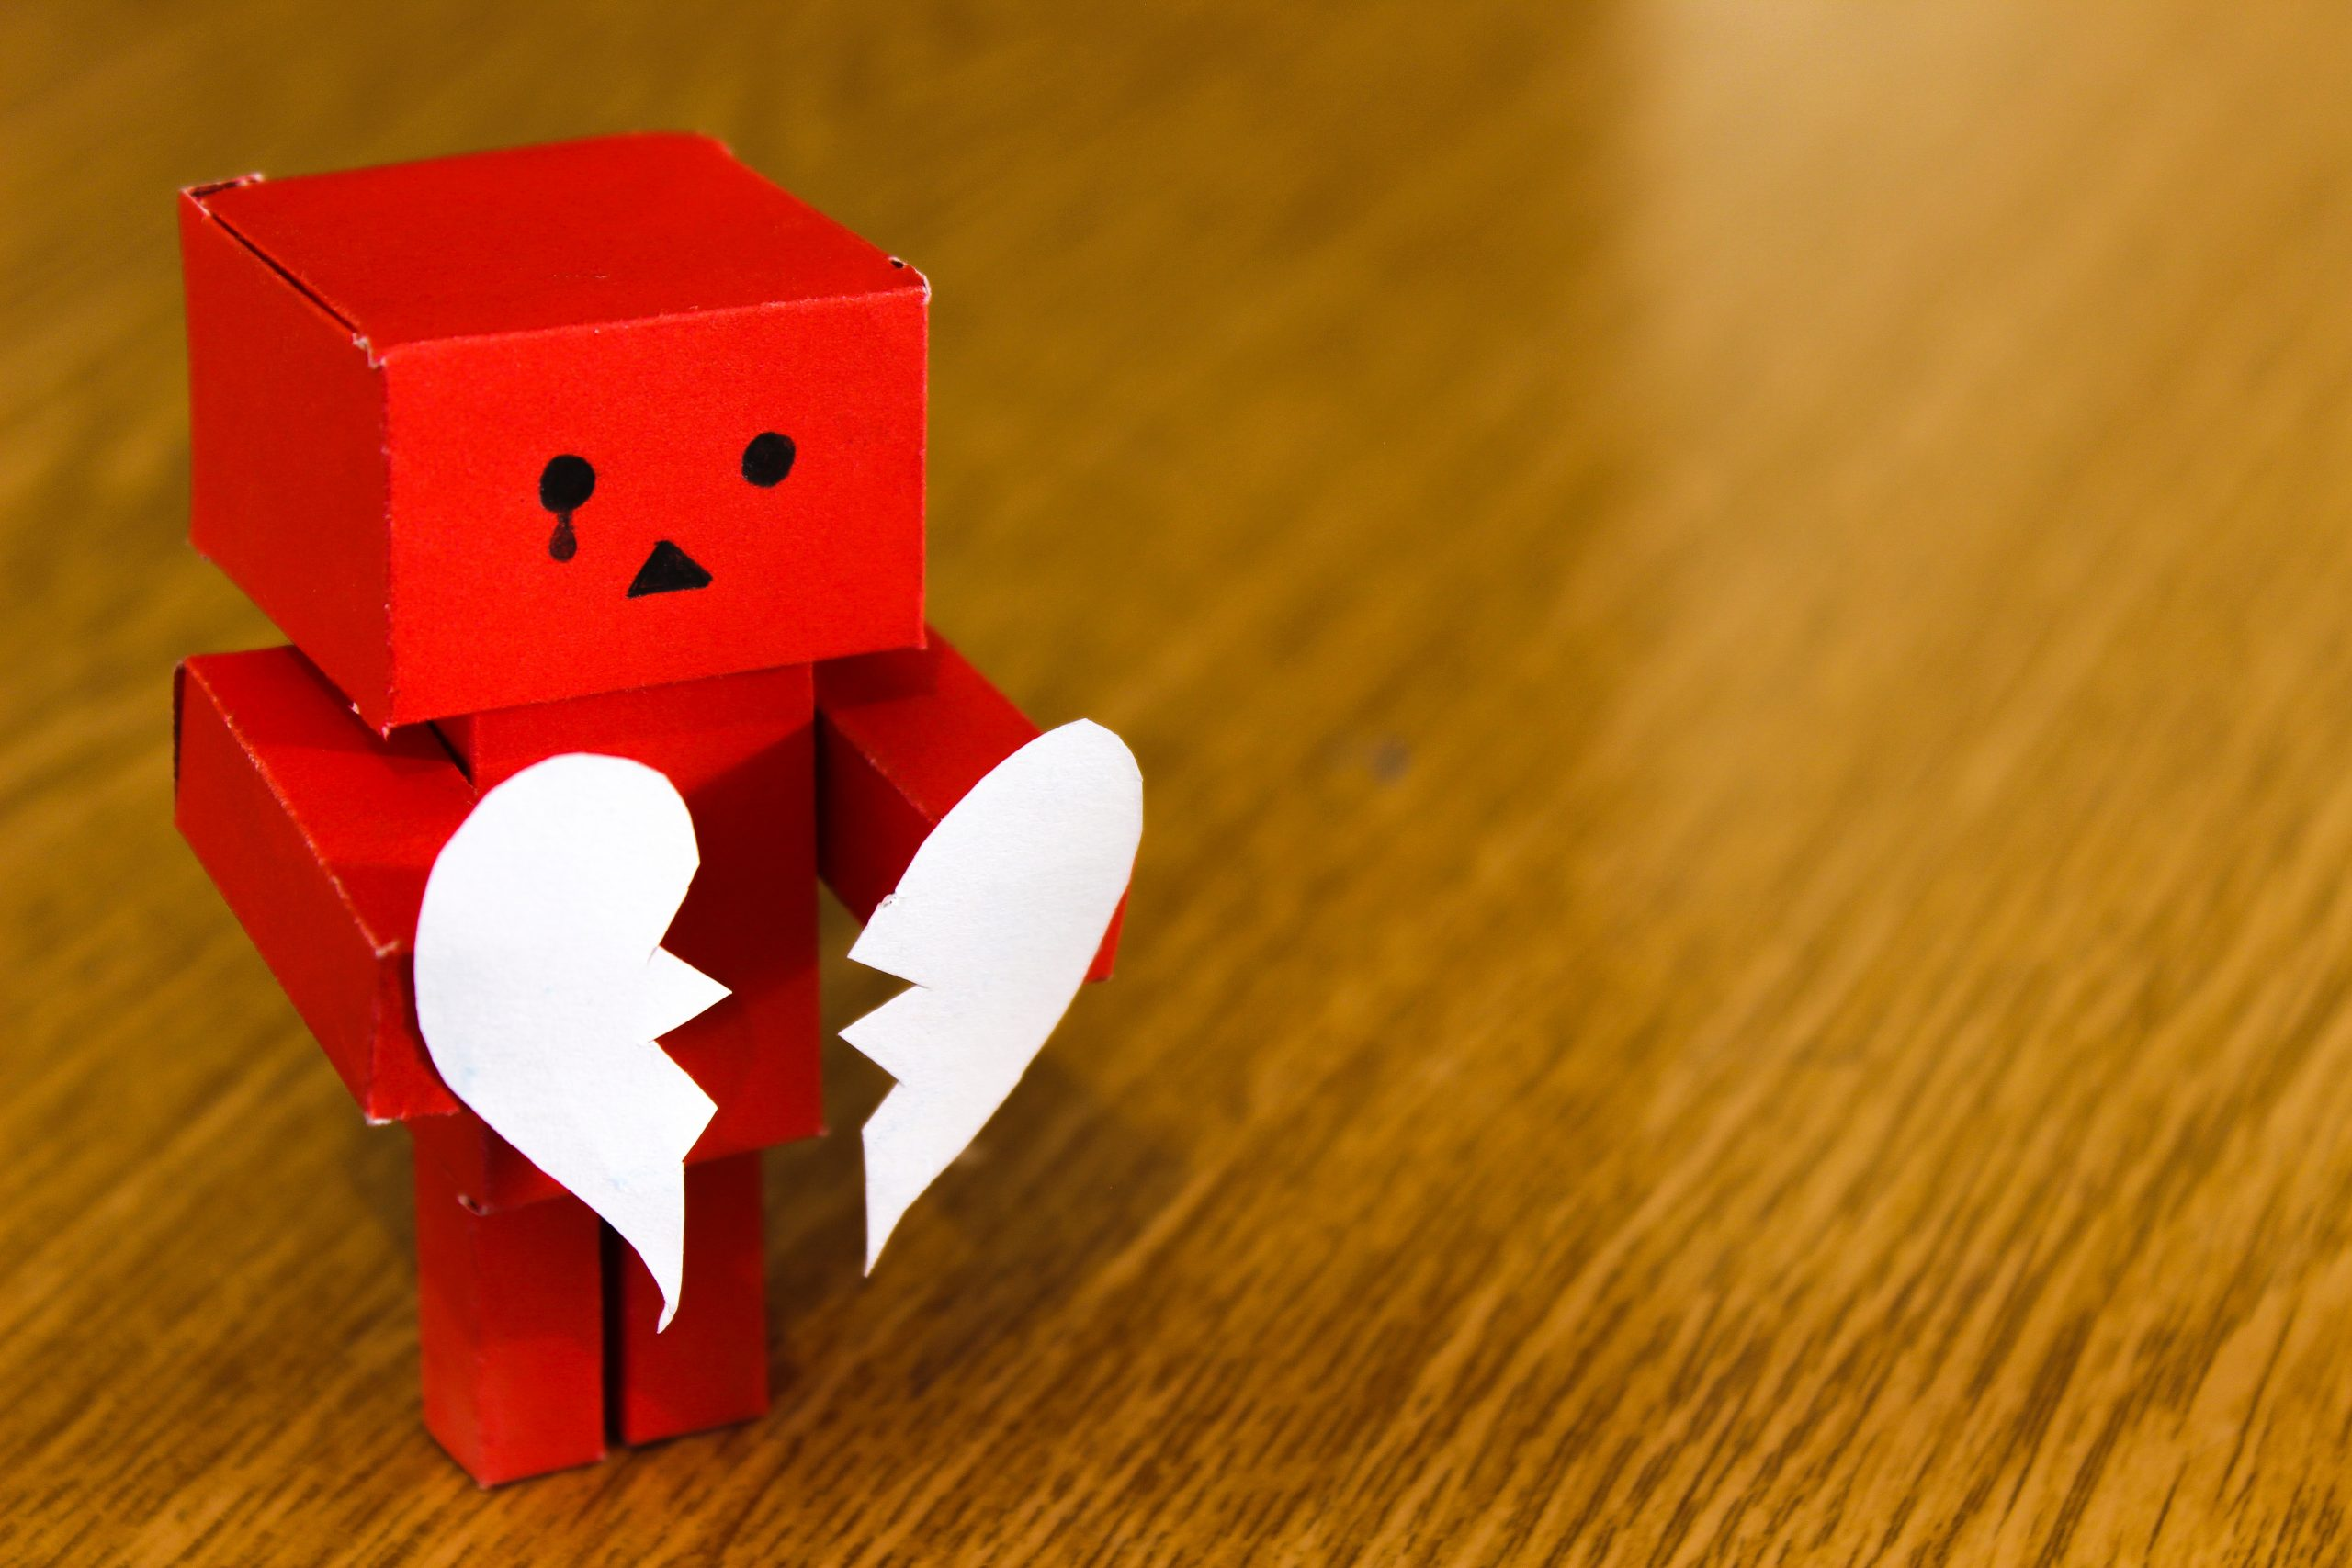 (k)eine Love Story